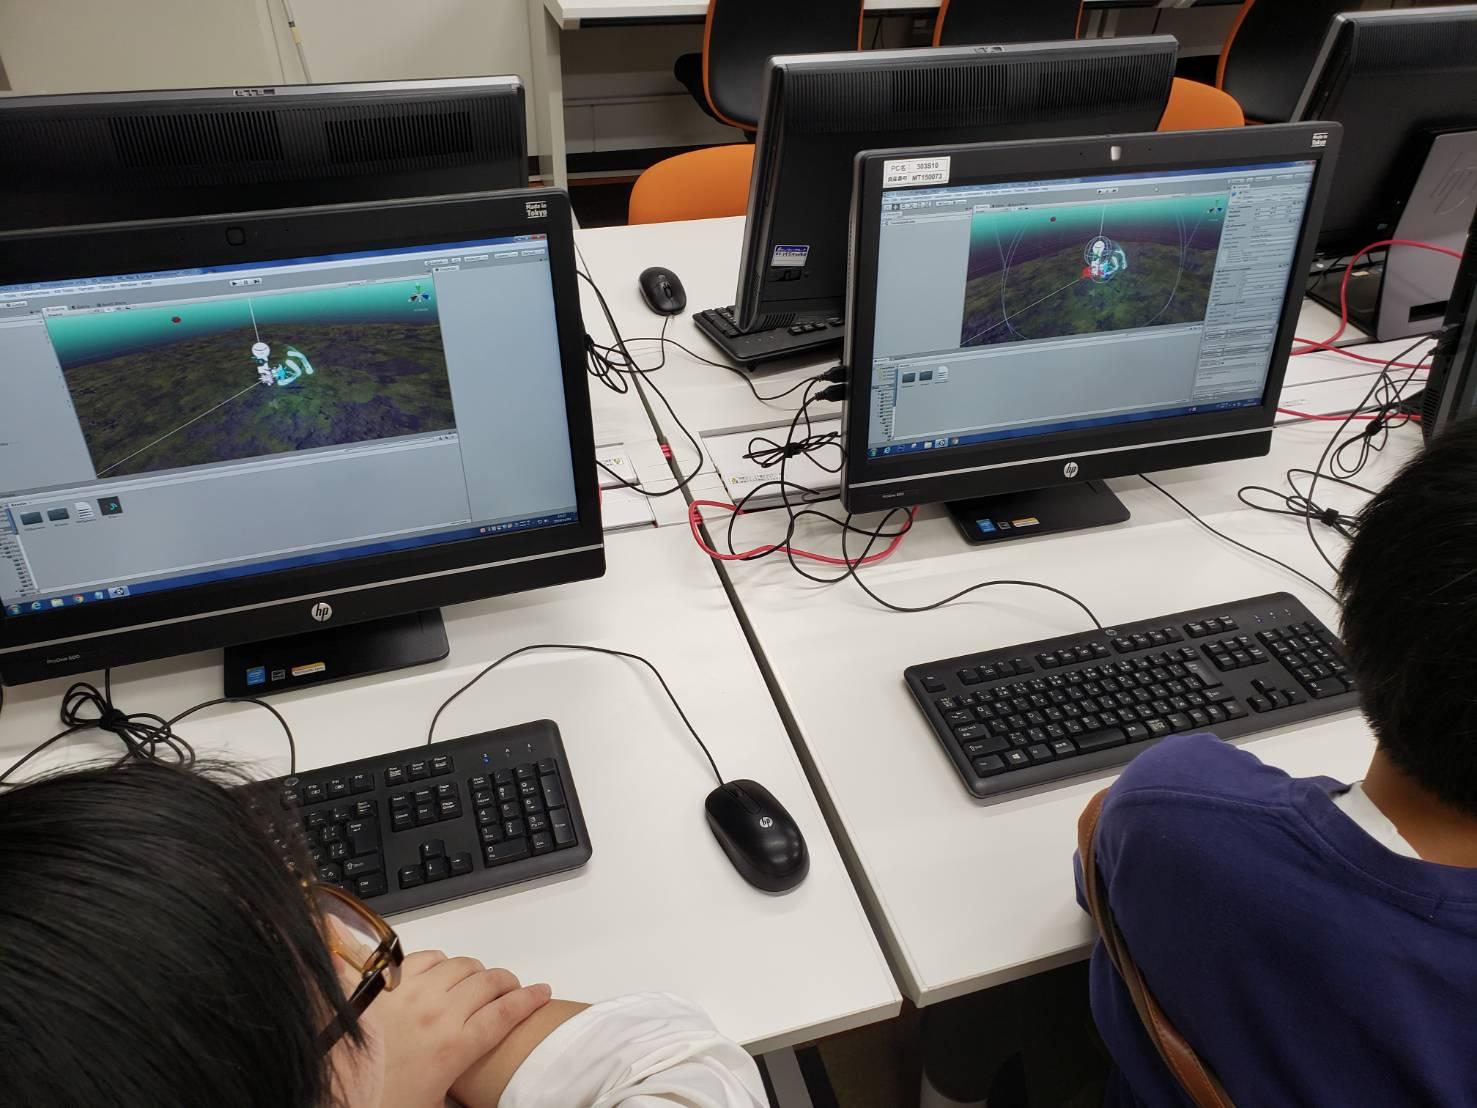 【名古屋第二】プログラミング×アニメーション×グラフィック @通信制高校